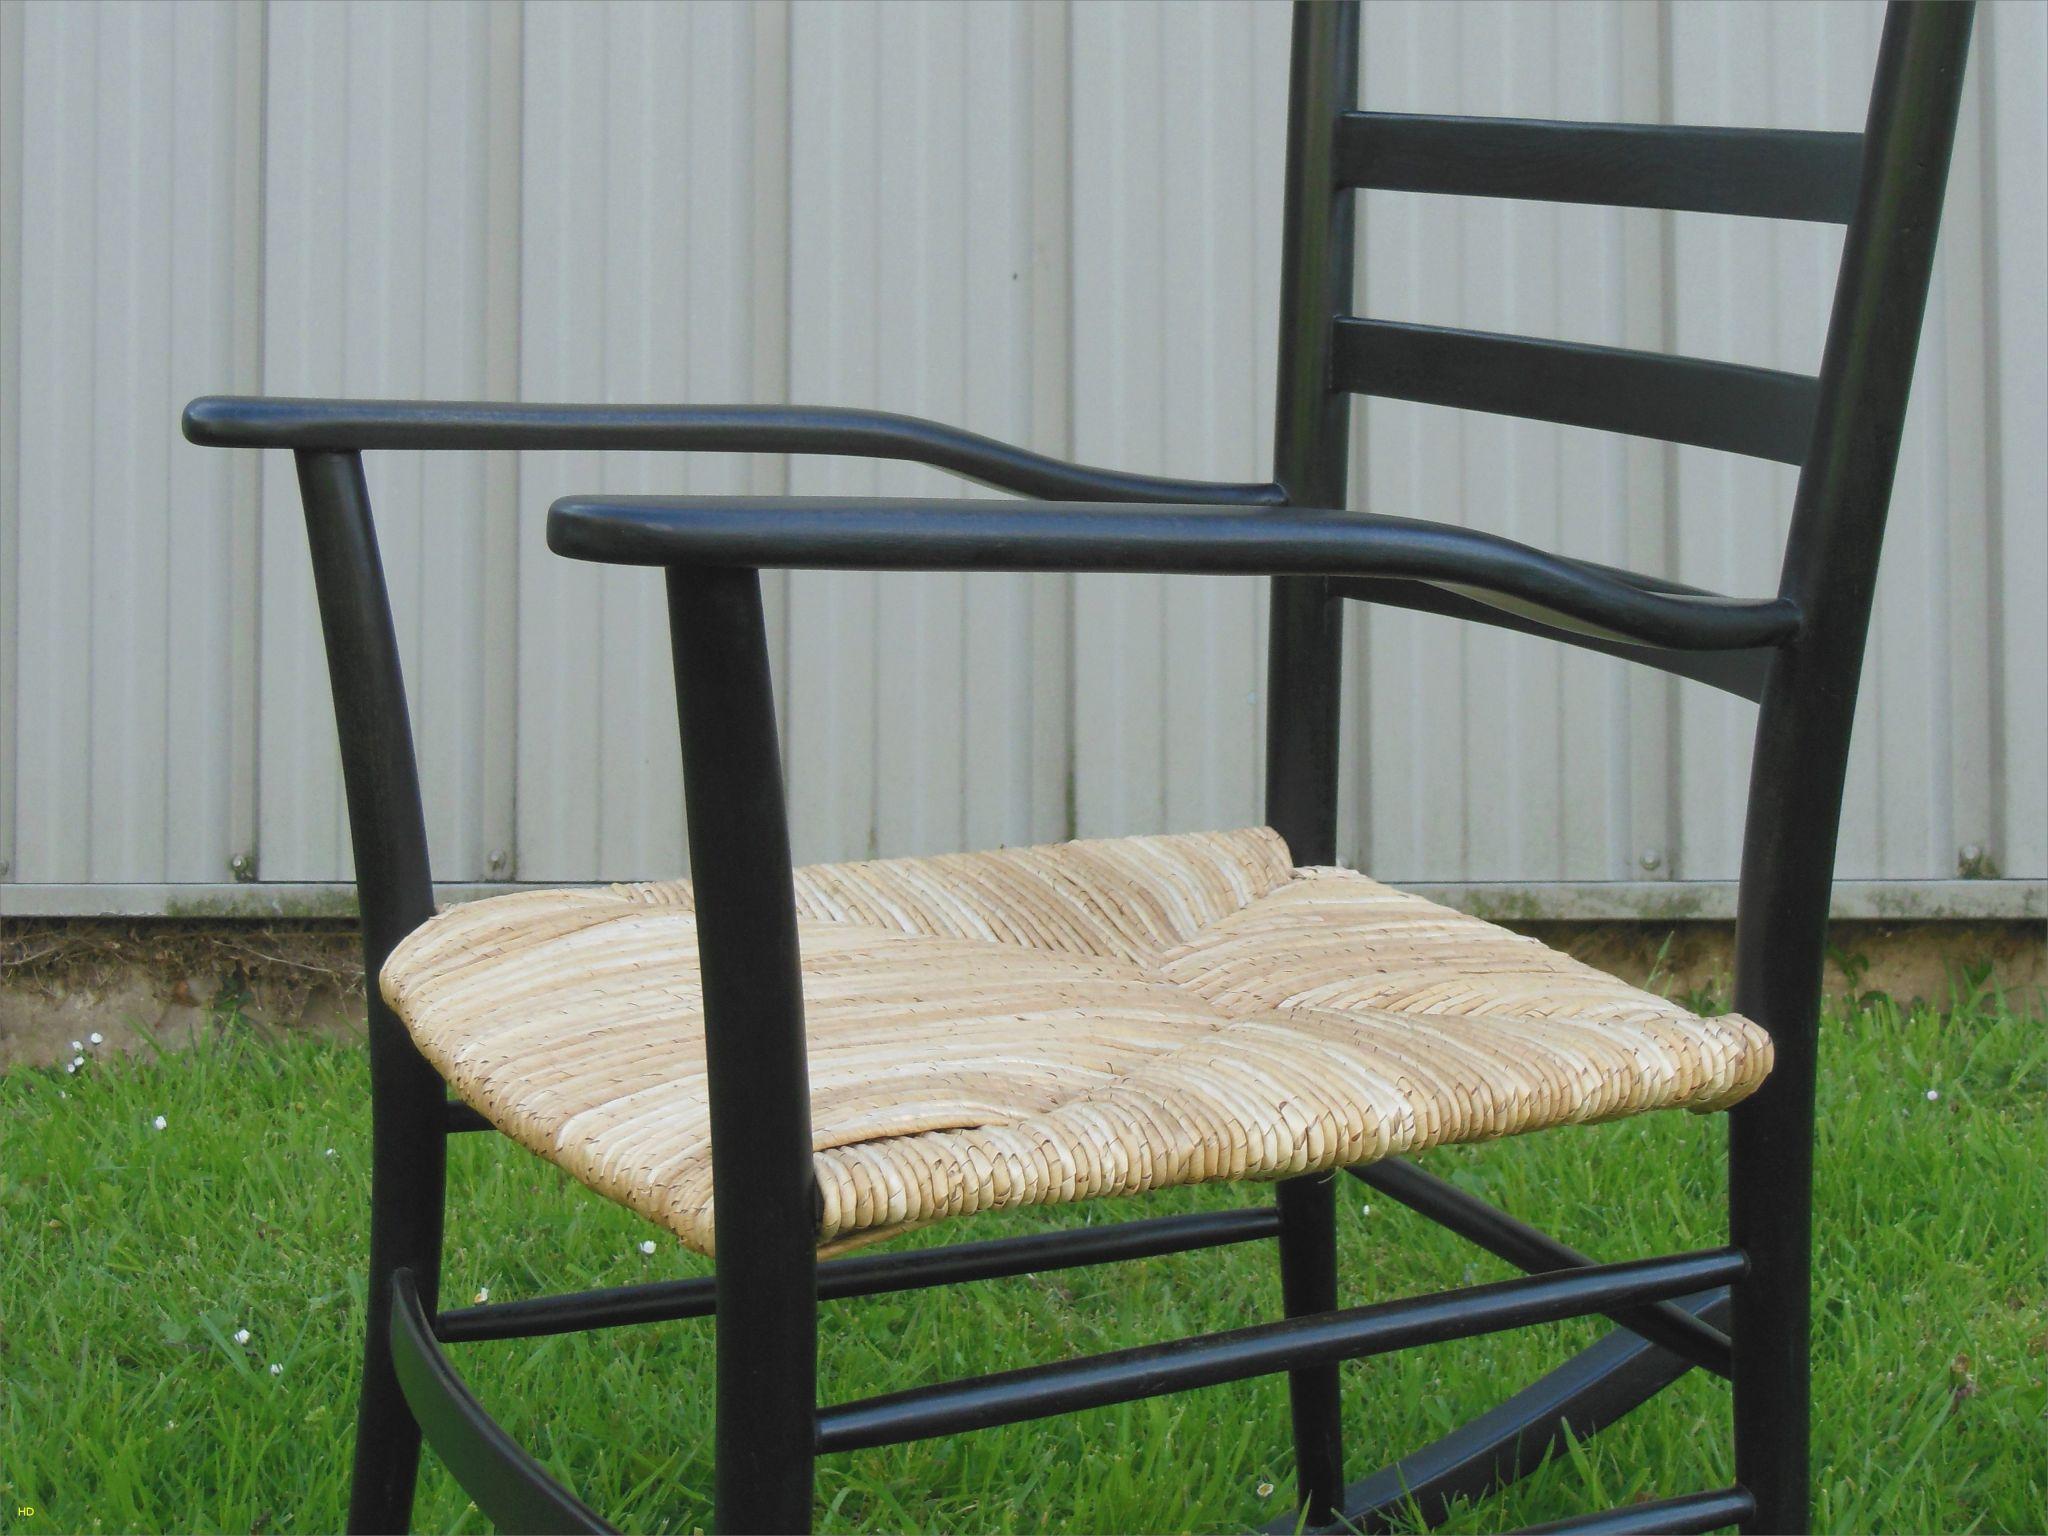 fauteuil jardin en bois palette ainsi que fauteuil douche beau castorama chaise nouveau table jardin castorama de fauteuil jardin en bois palette